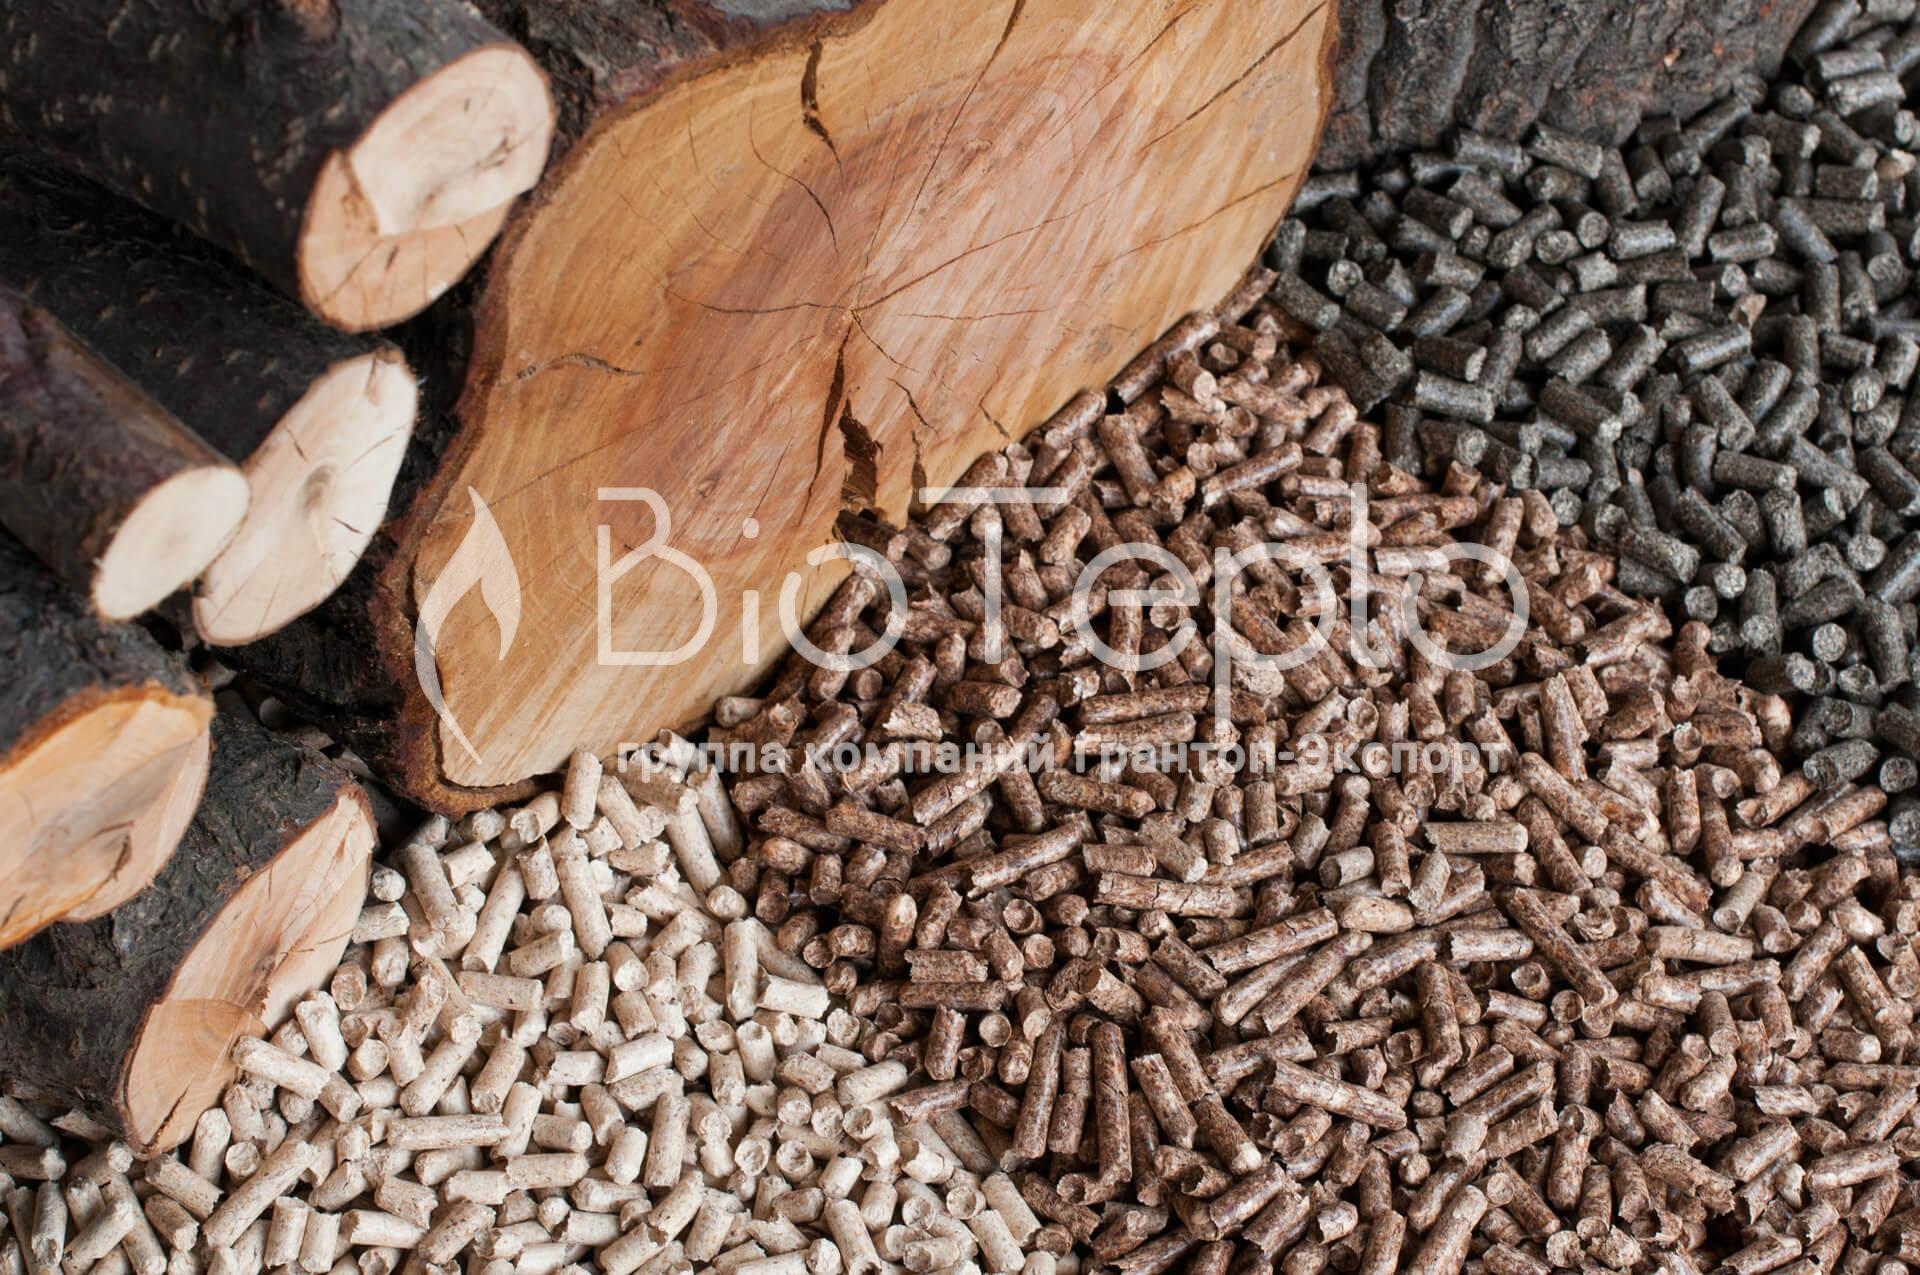 сырье для топливных брикетов из чего изготавливают топливные брикеты